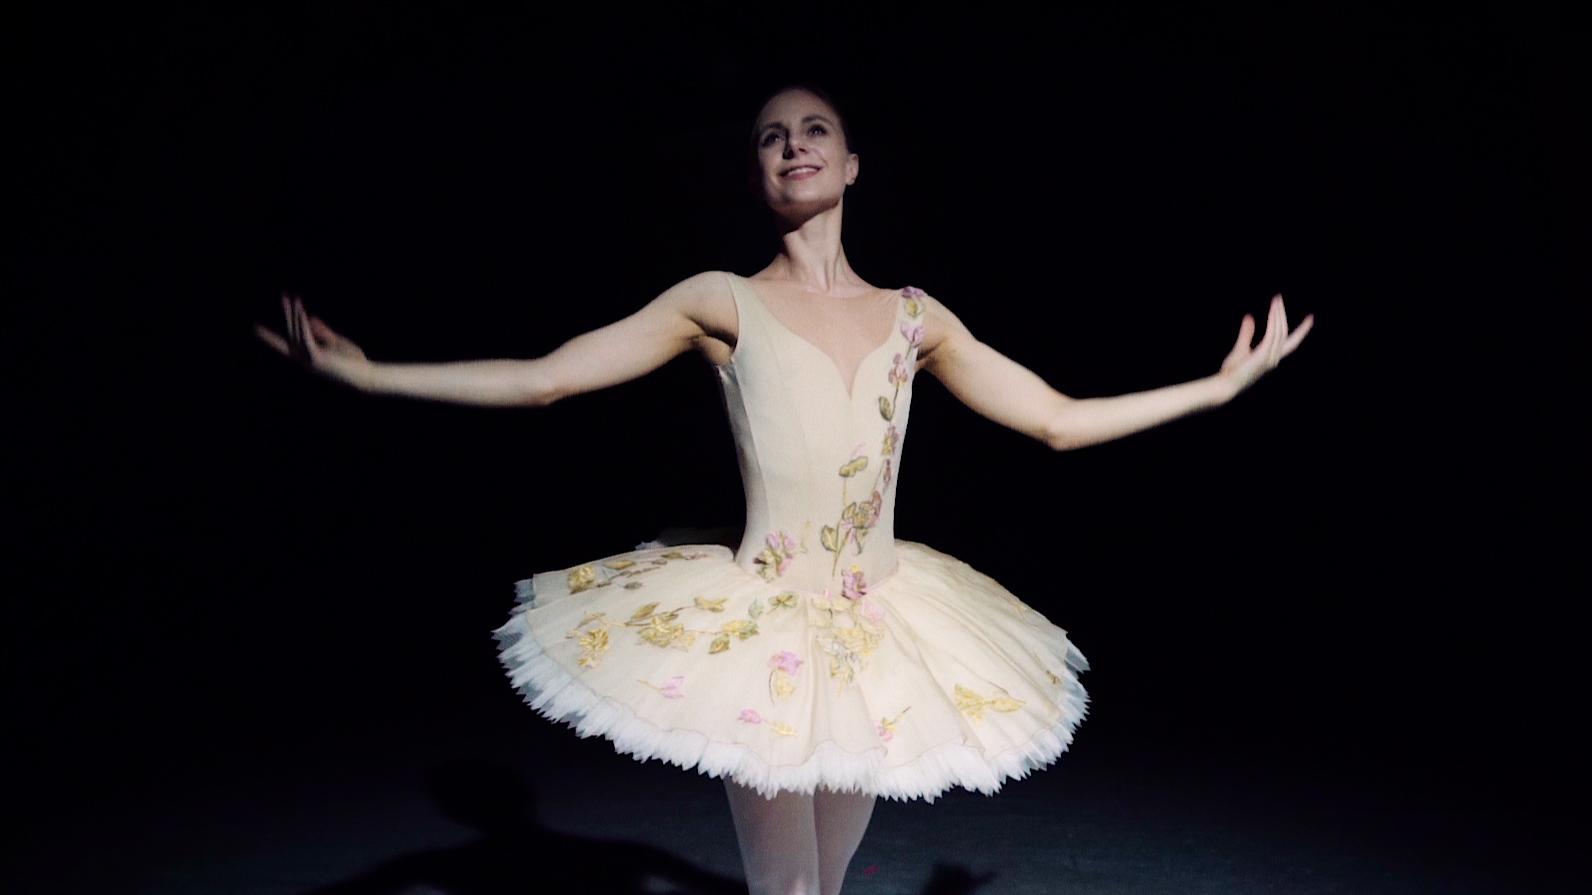 Kom backstage på Det Kongelige Teater med stjernedanseren Ida